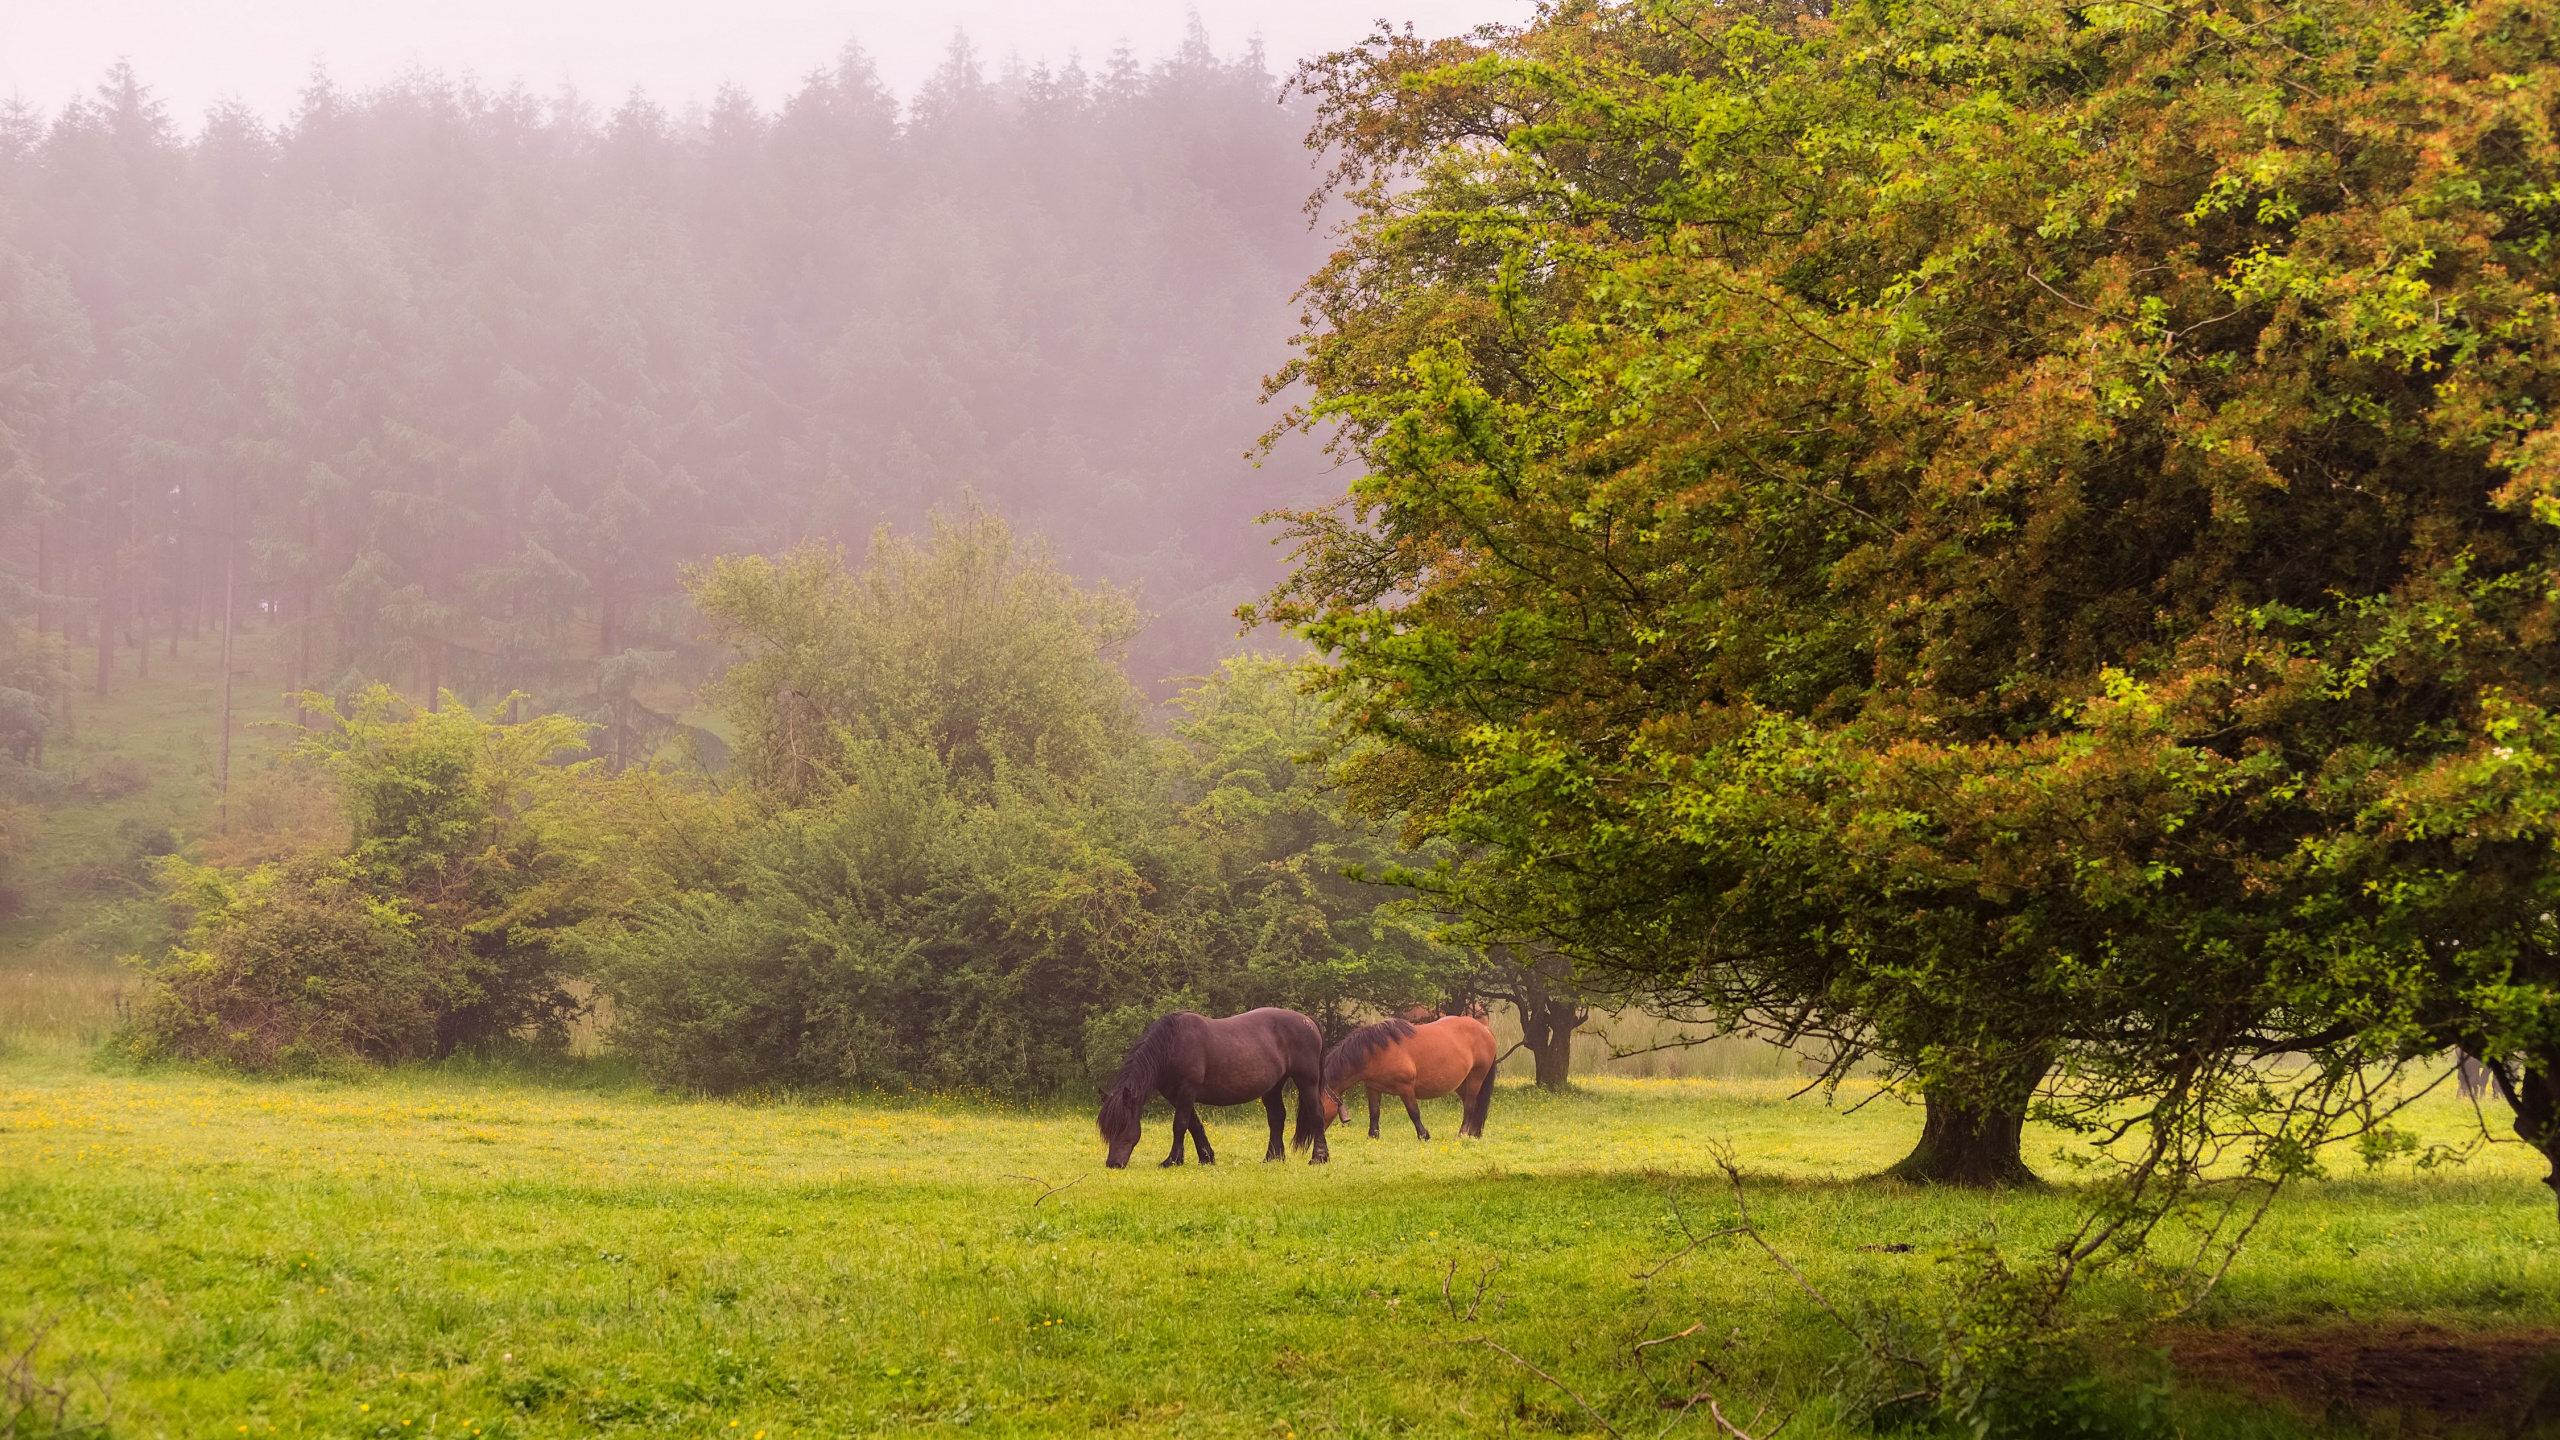 Обои Весна, пейзаж с лошадью. Скачать обои на рабочий стол Природа | 1440x2560